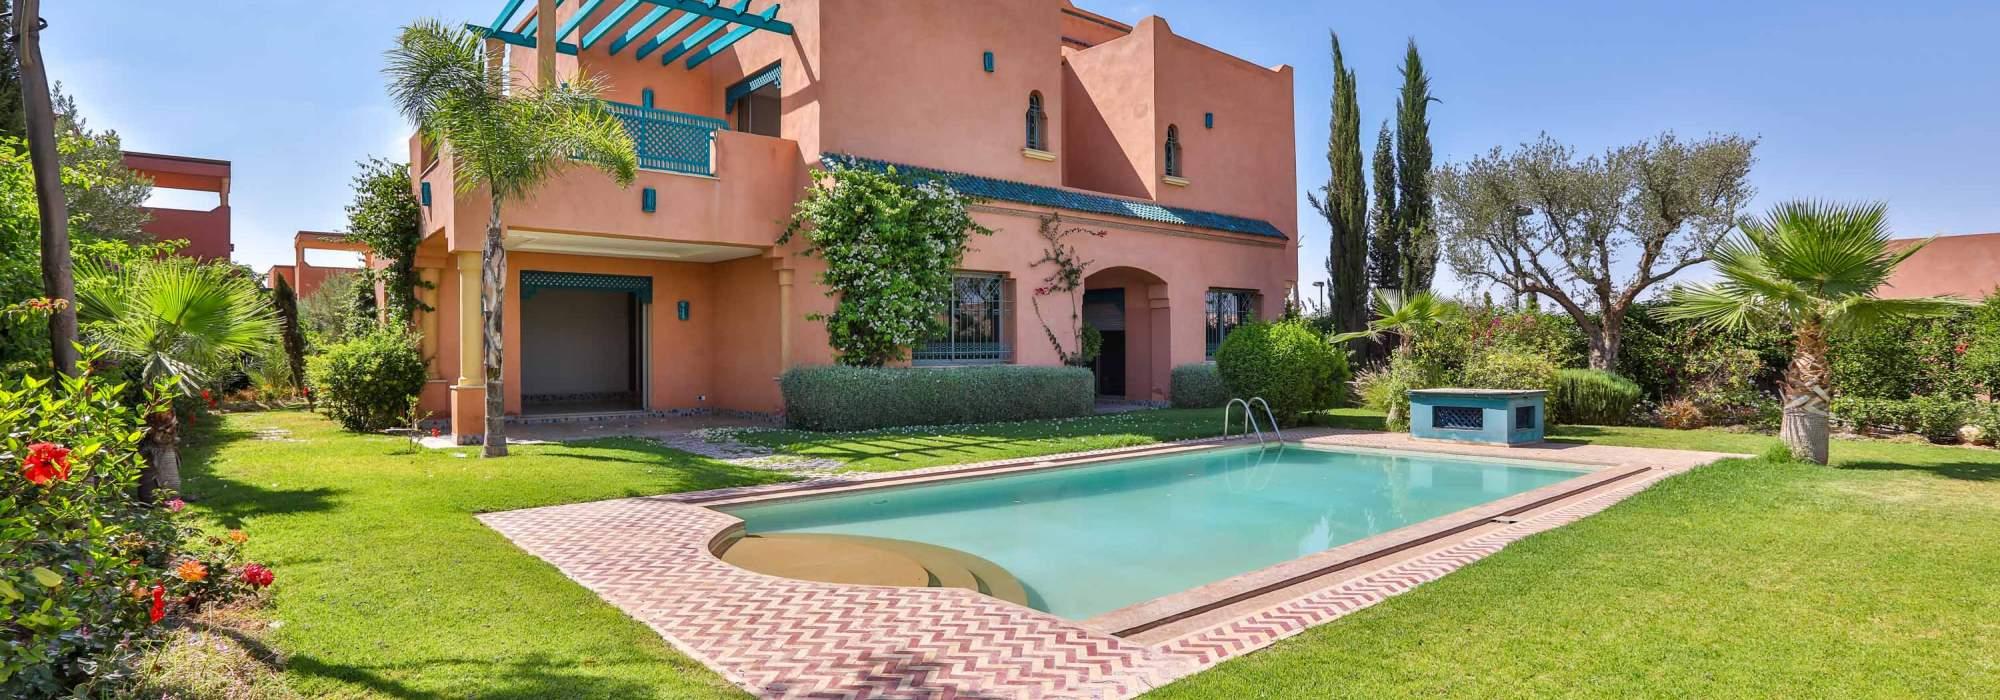 villa a vendre bab atlas marrakech